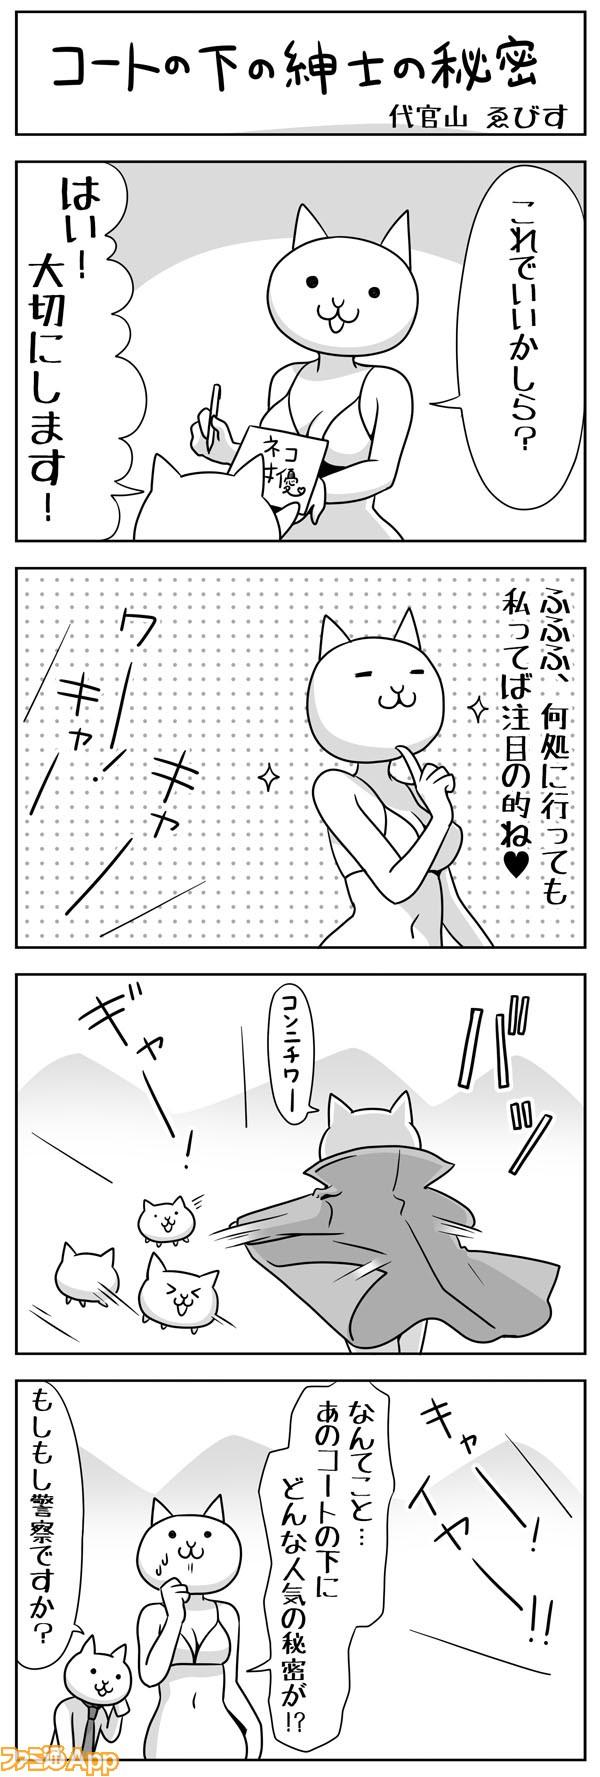 01daik_068